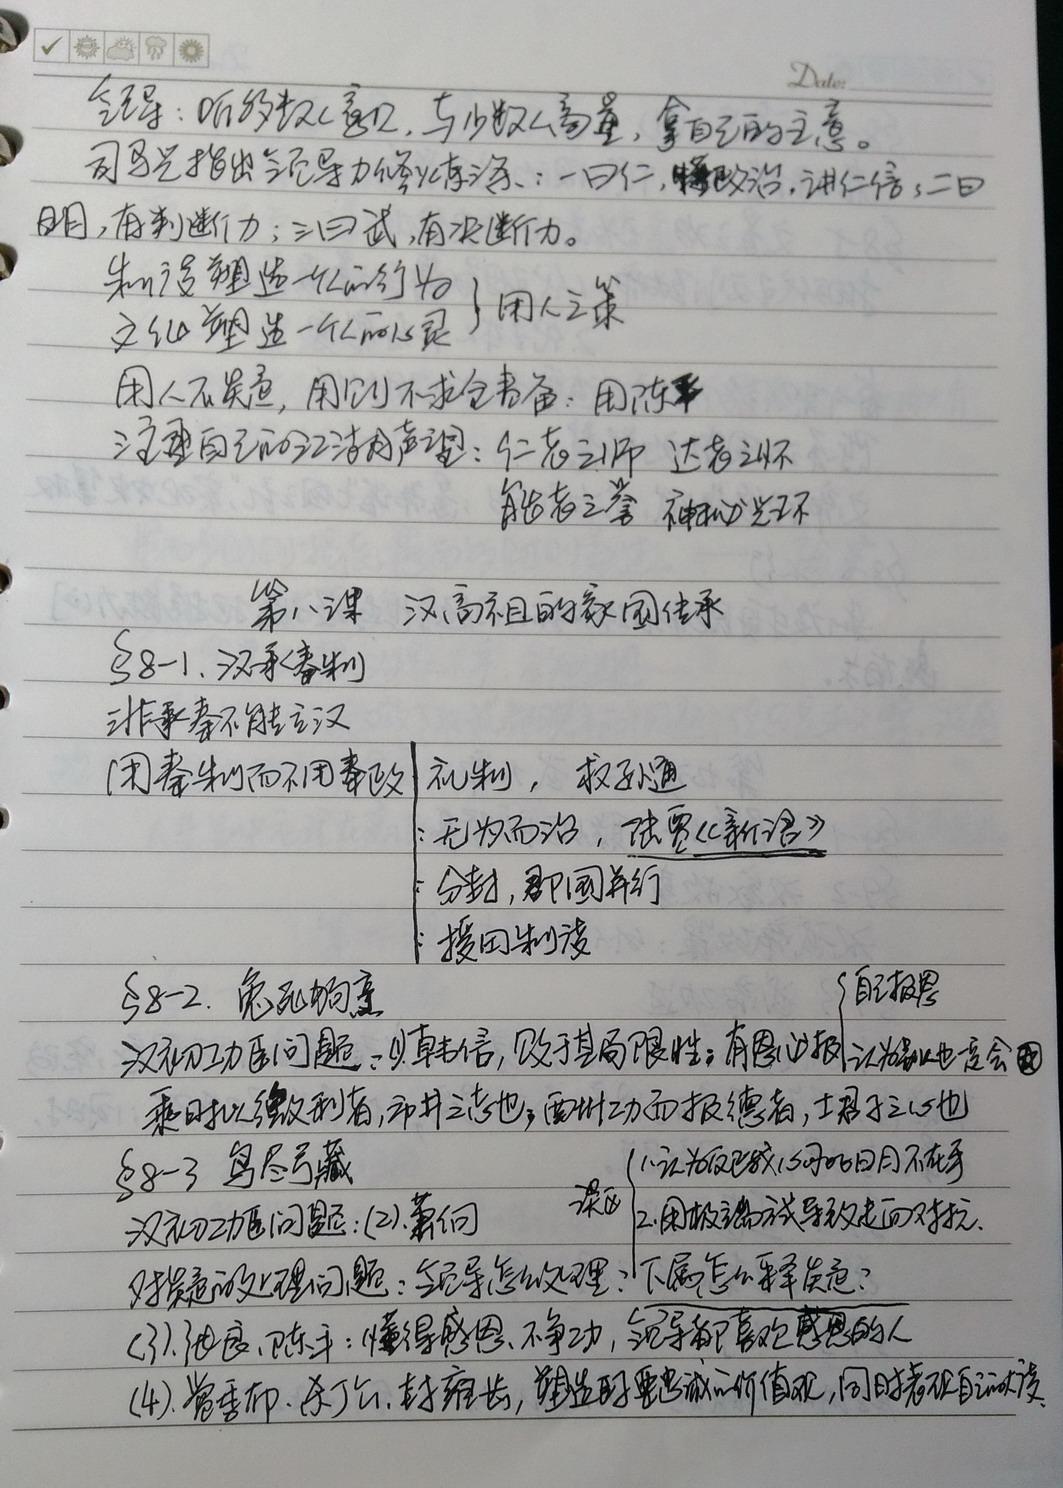 7_调整大小.jpg